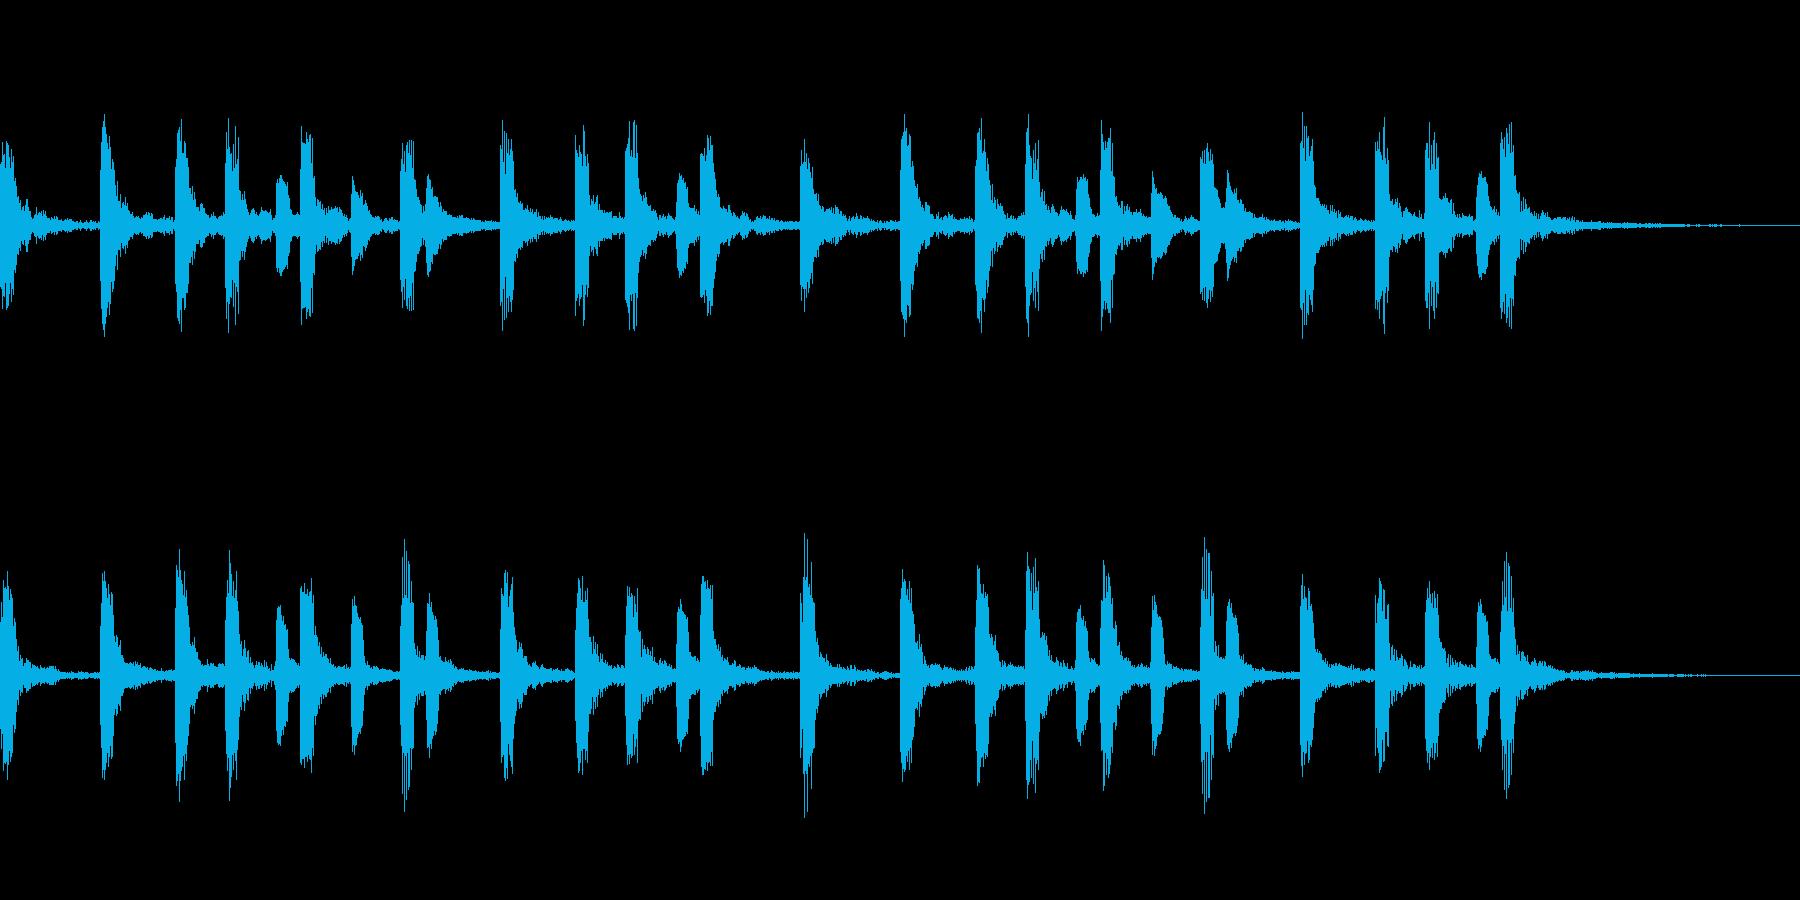 一件落着のジングル、CMにも使えます。の再生済みの波形